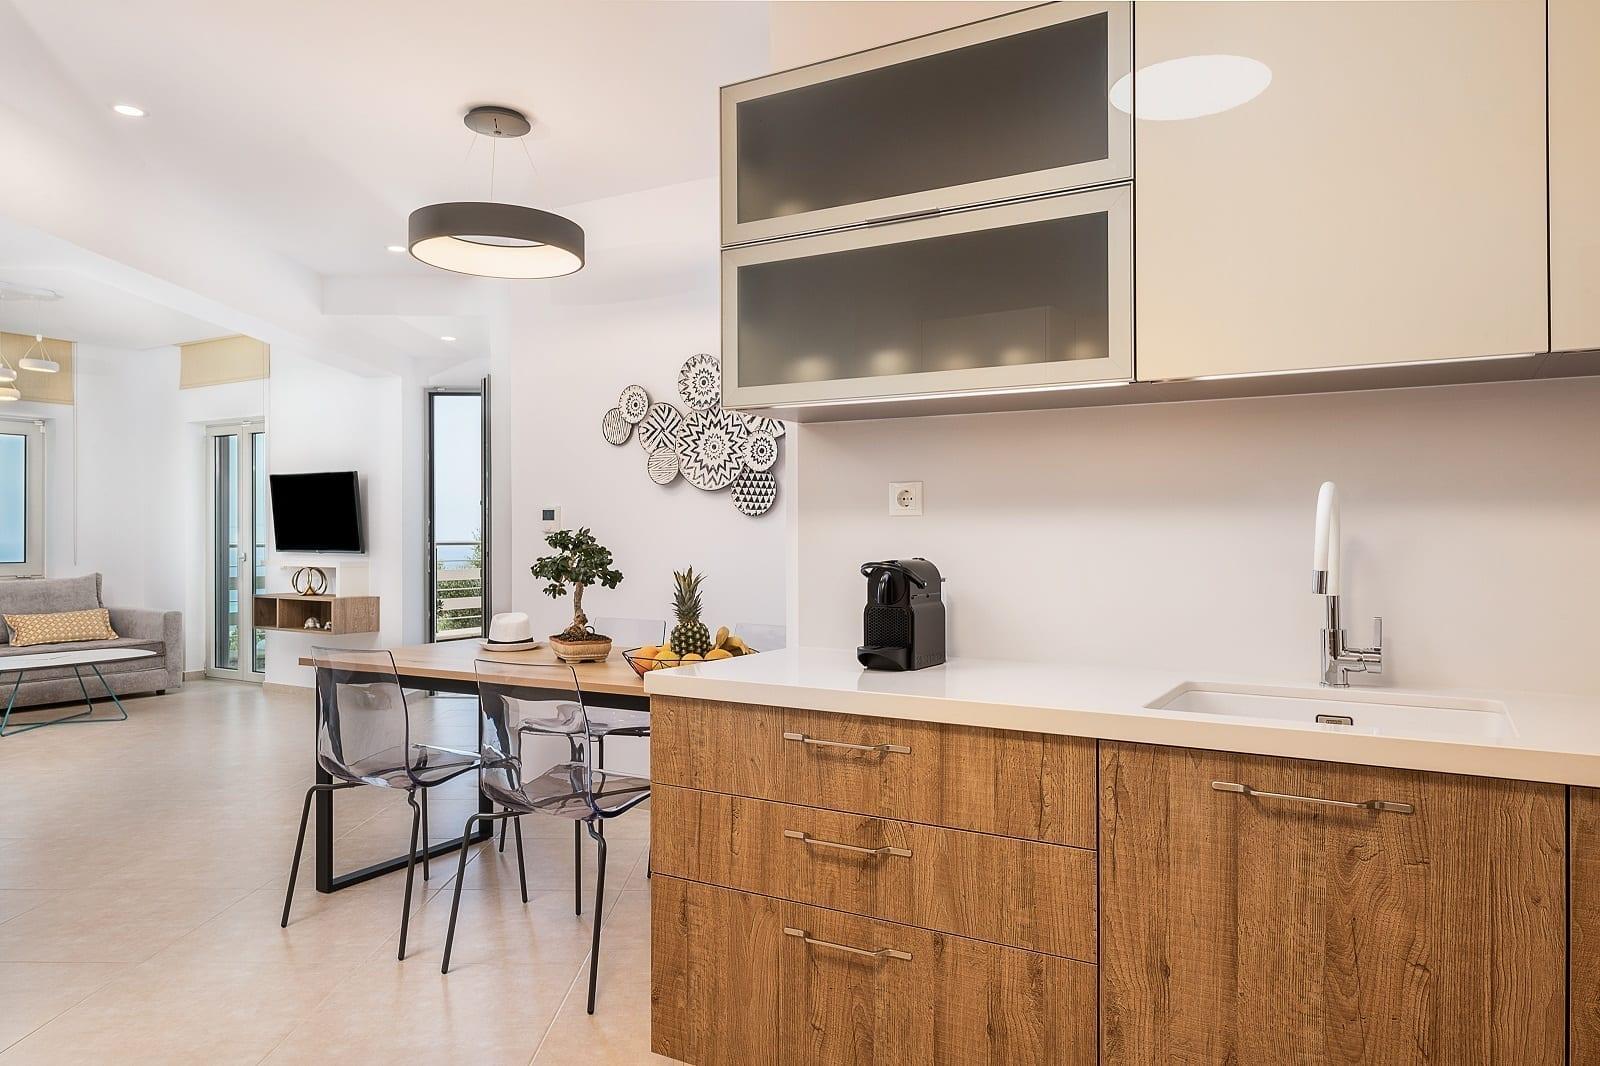 Magnolia Luxury Apartments